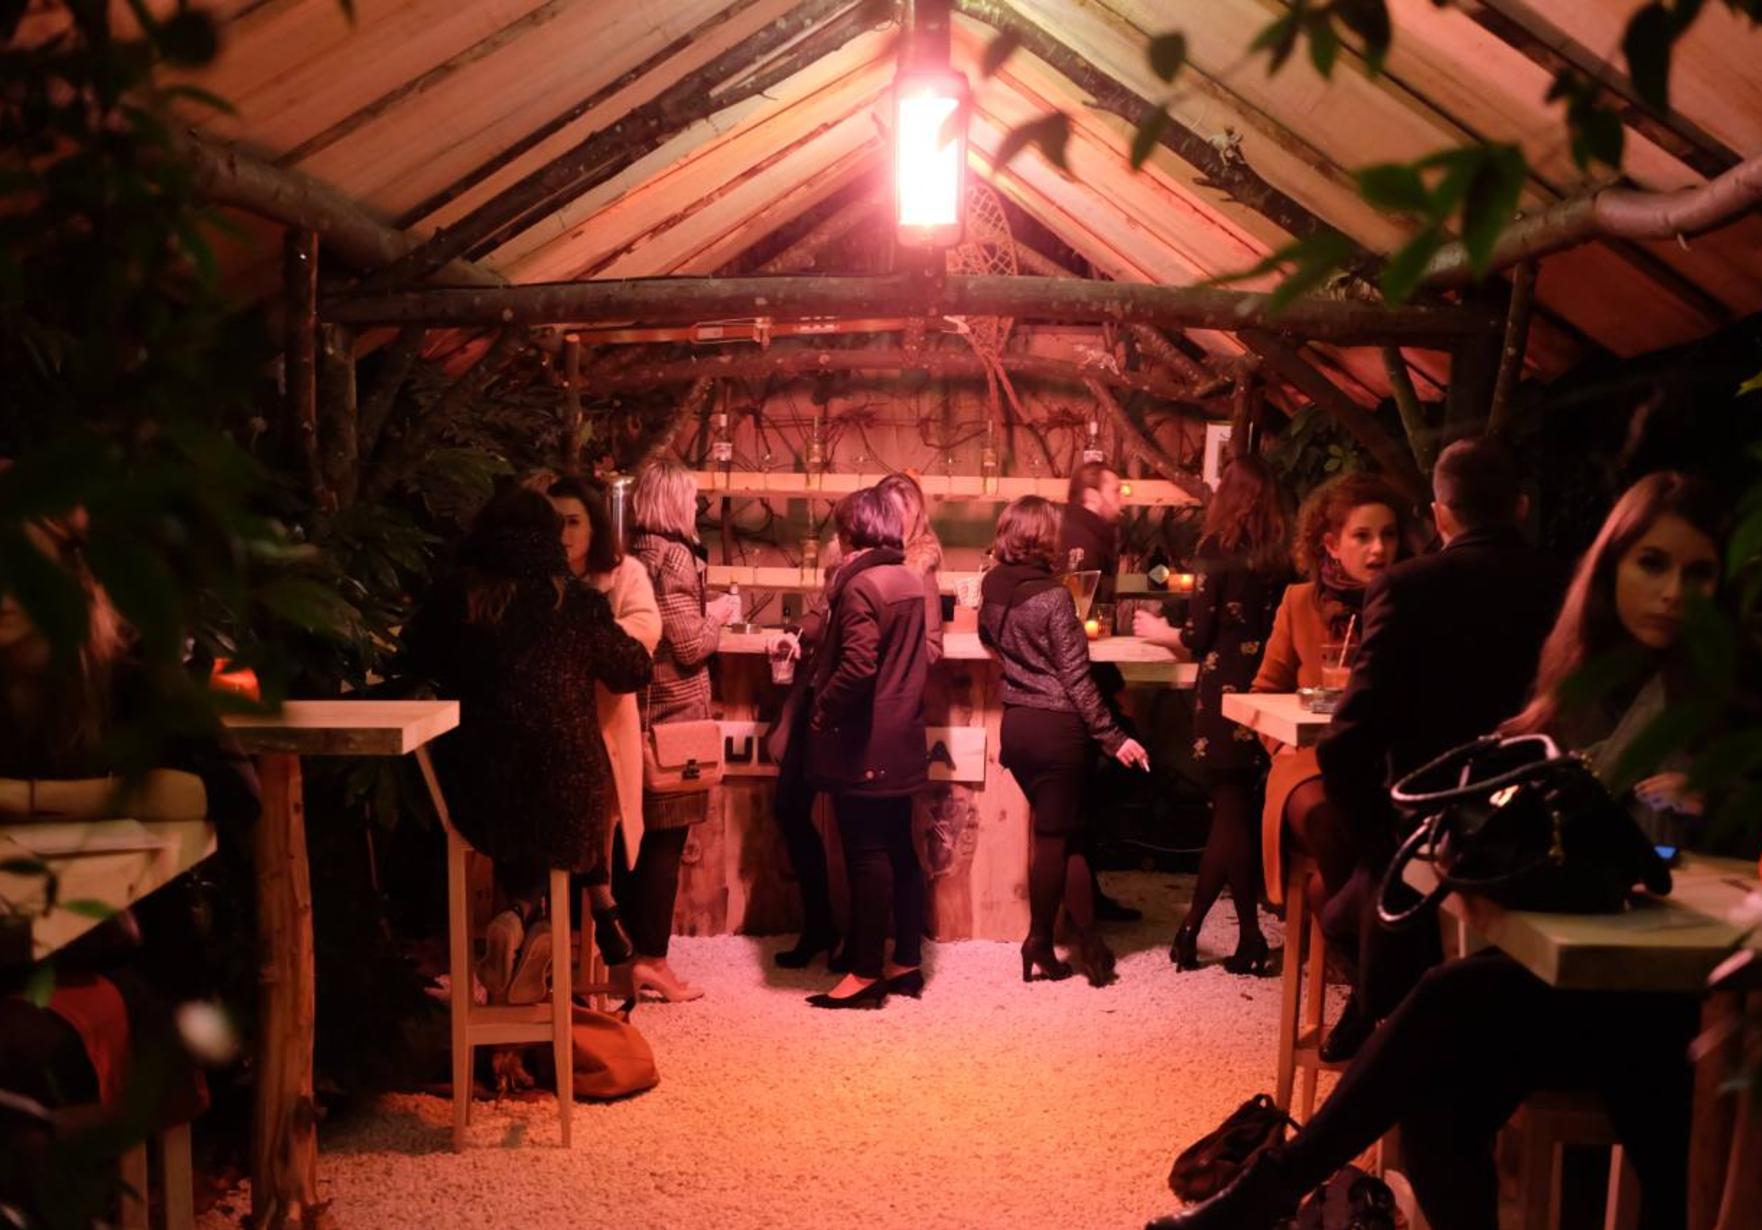 Les cabanes de jardin les plus chaleureuses de Paris.